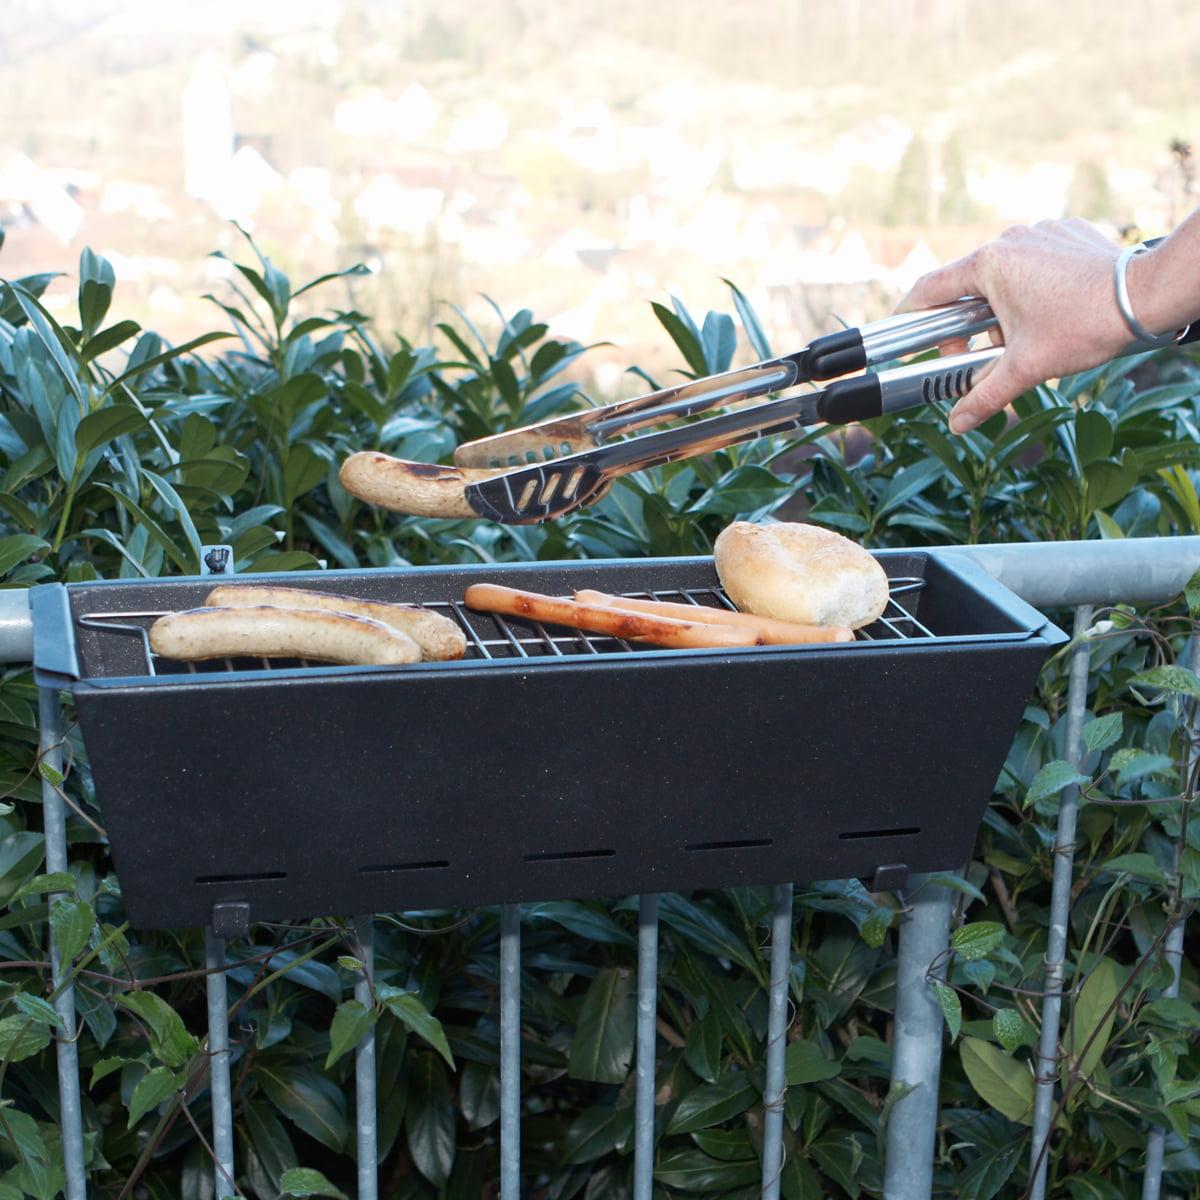 bbq bruce balcony-handrail grill in the shop, Garten und erstellen